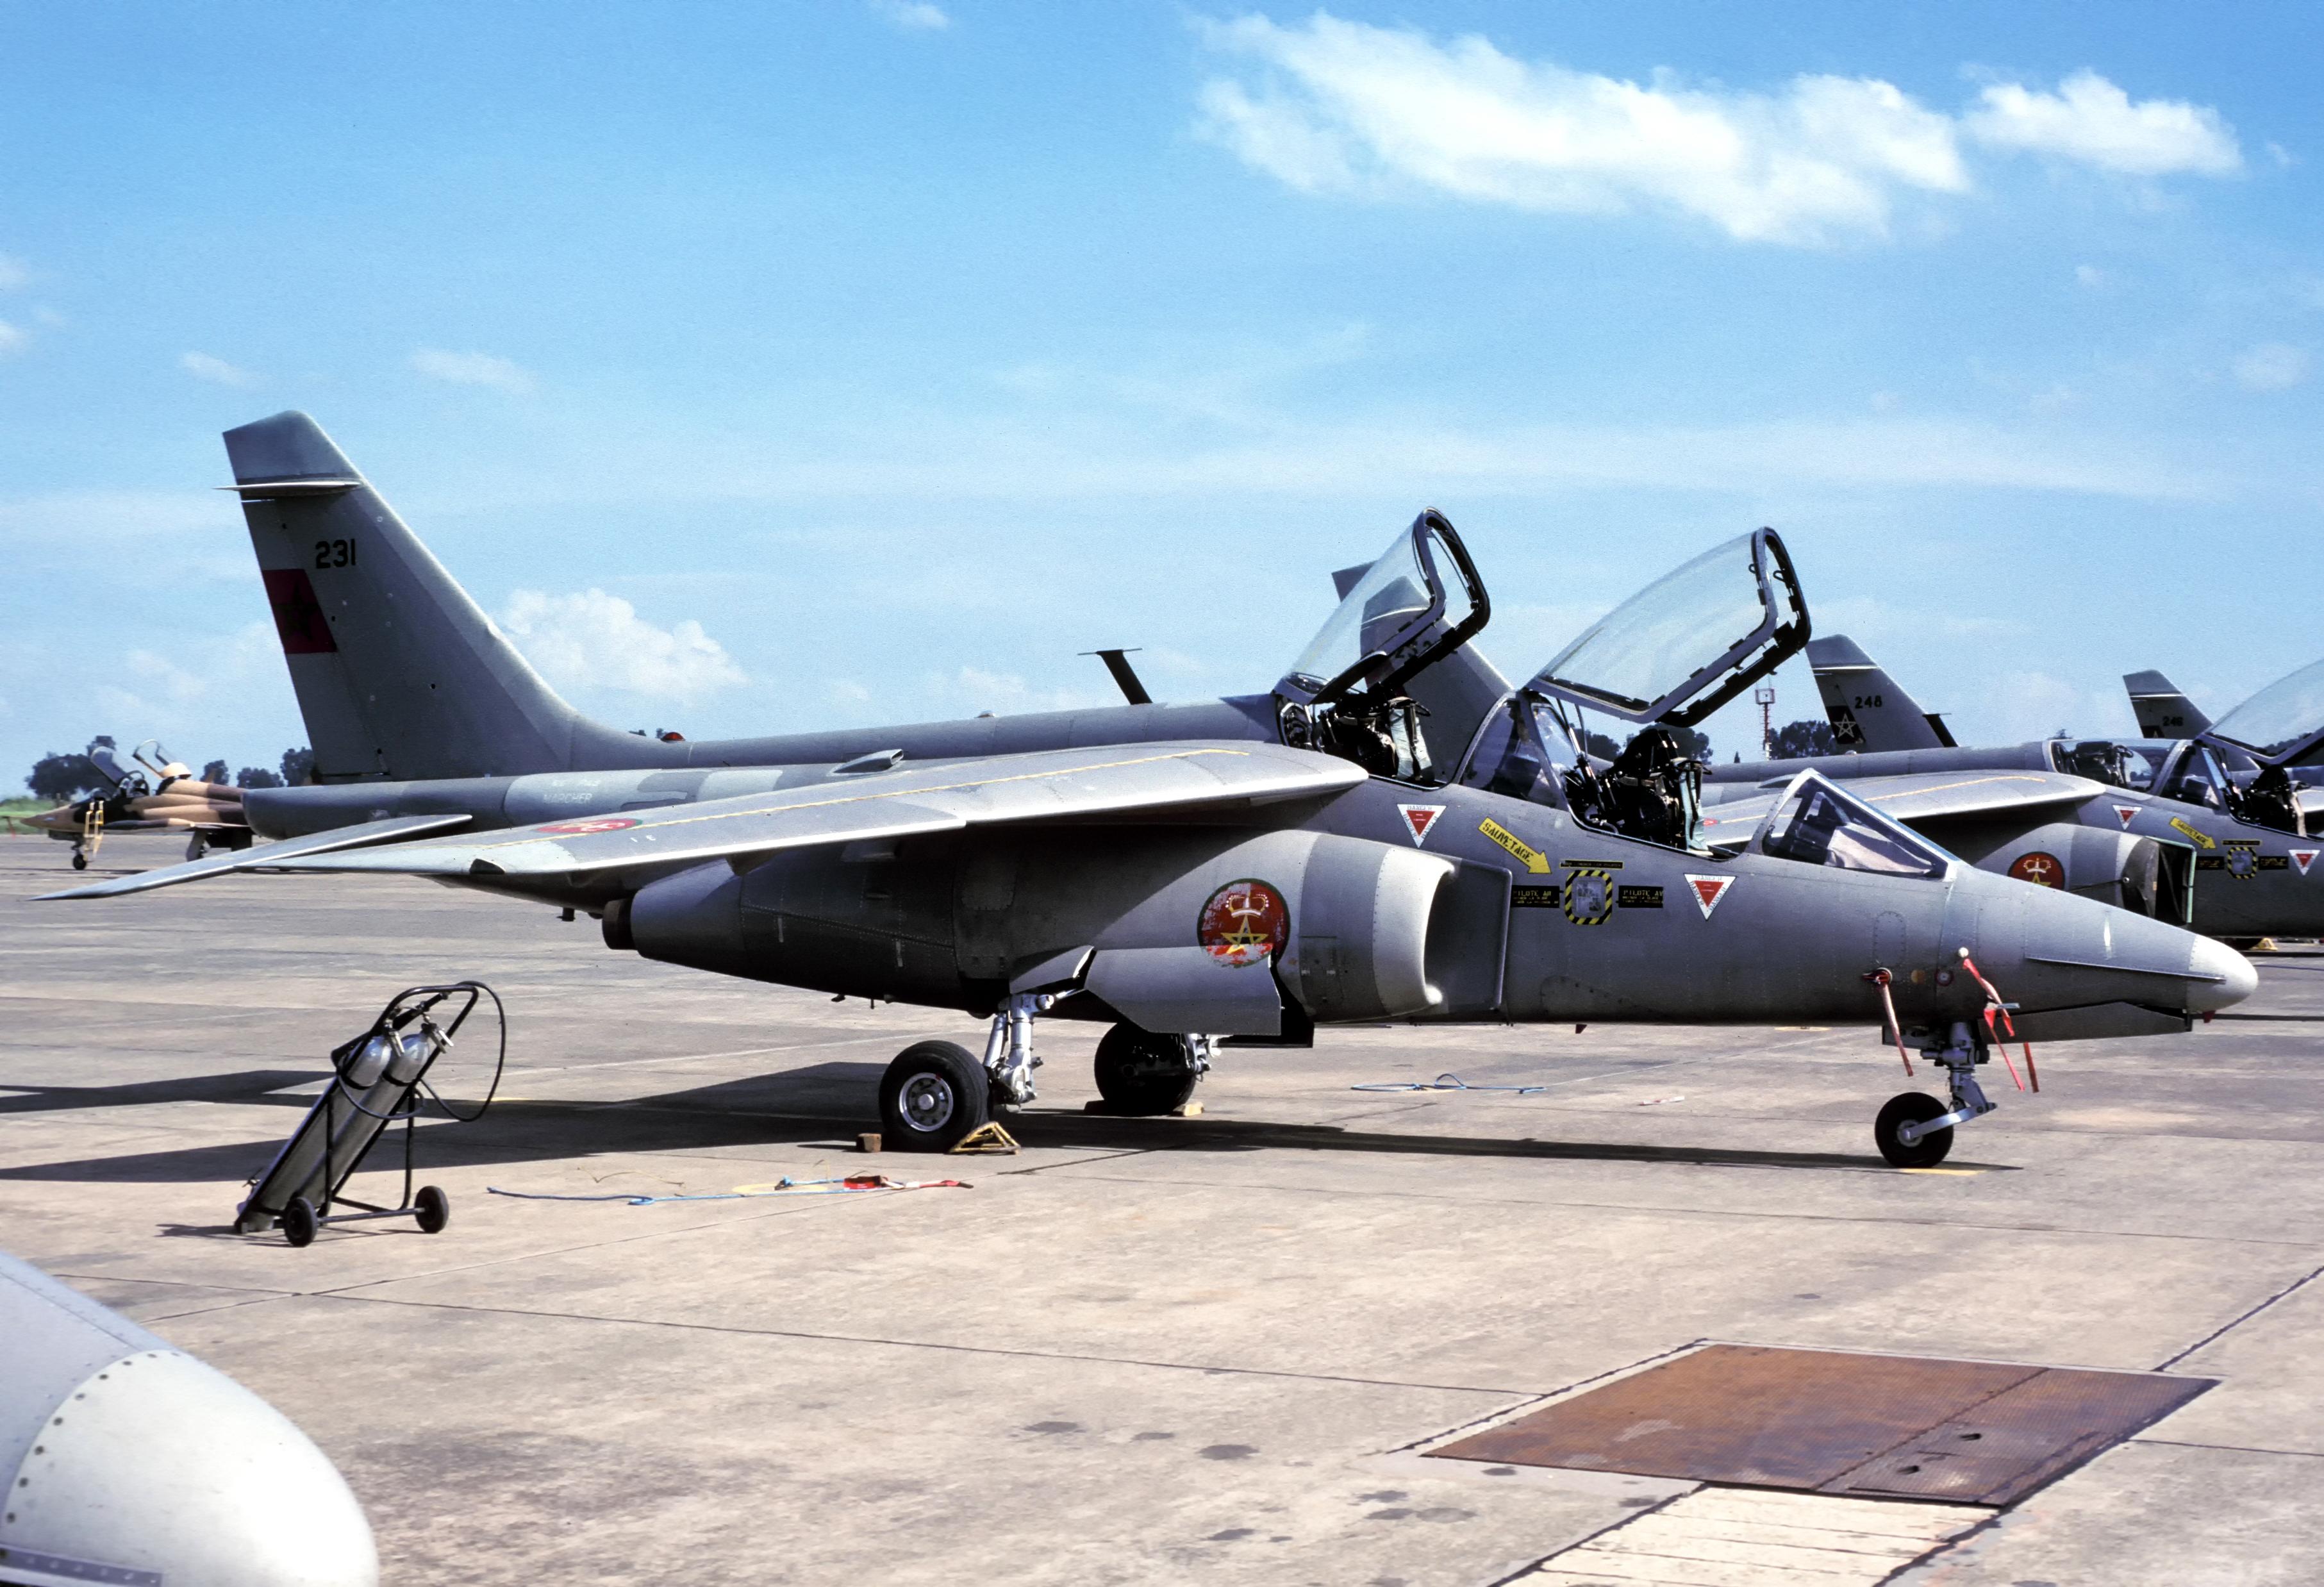 FRA: Photos avions d'entrainement et anti insurrection - Page 9 32571617293_db7e29de9f_o